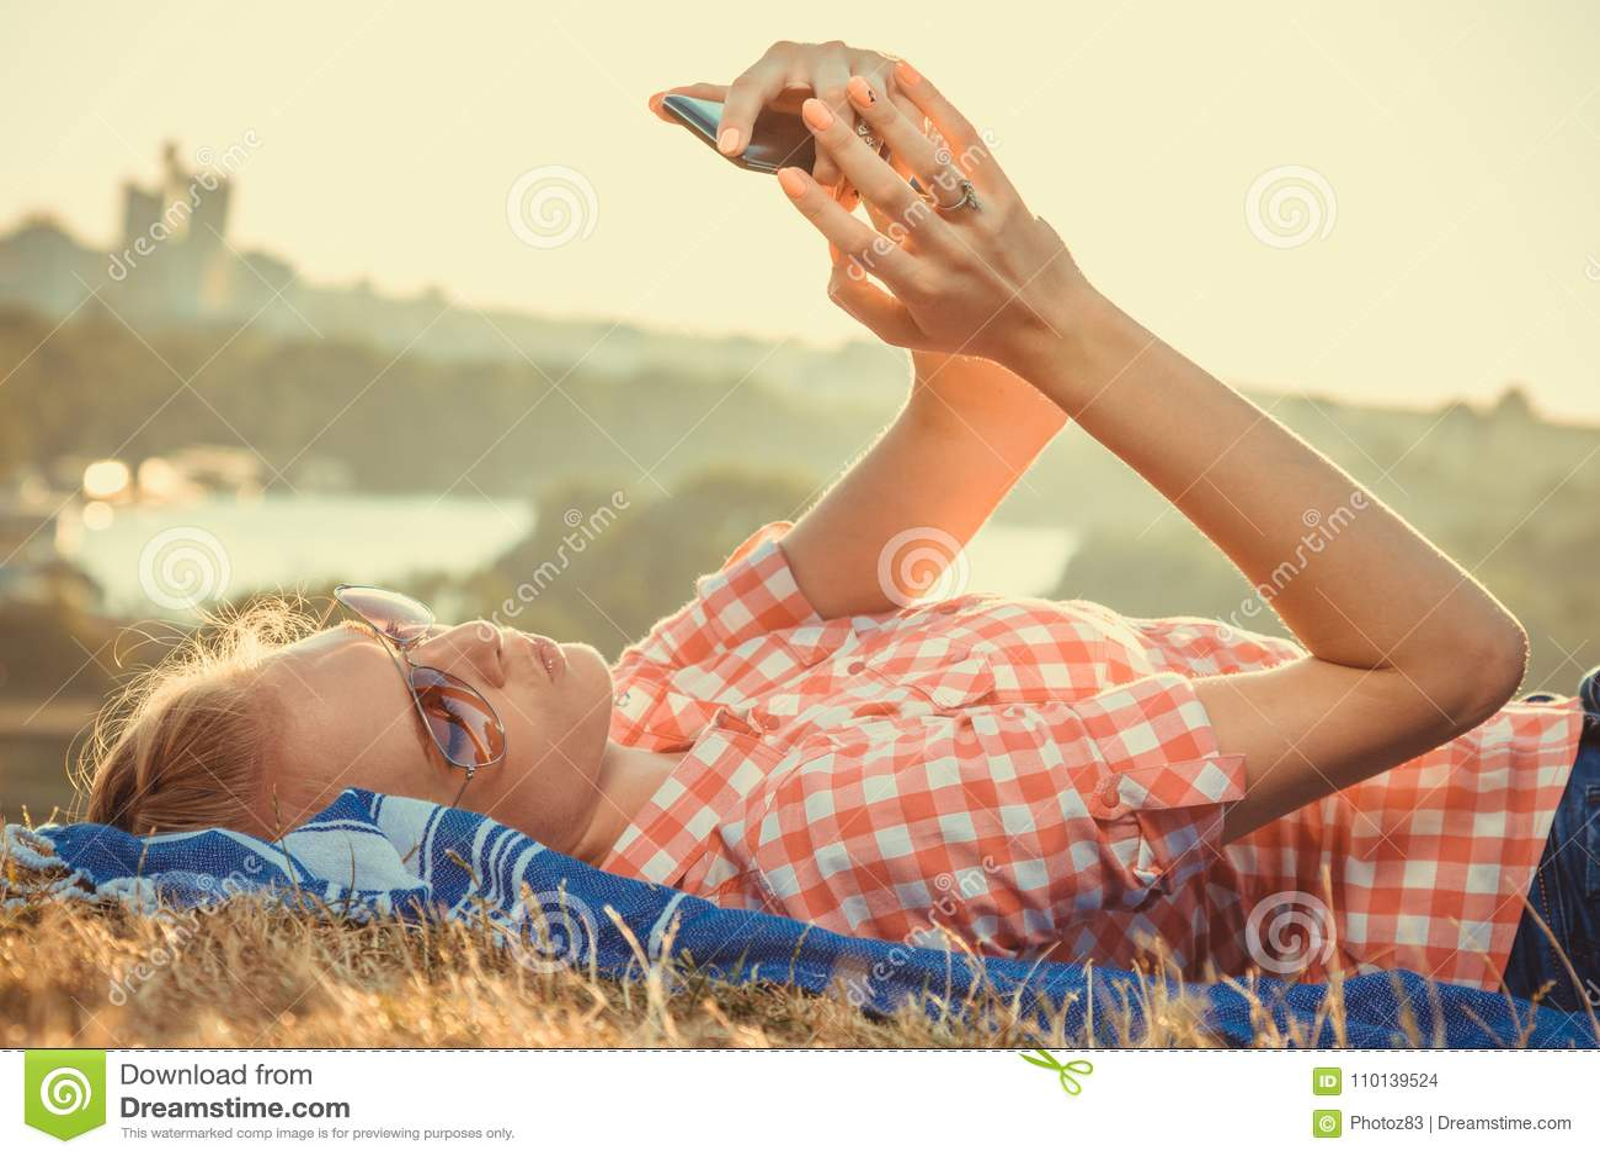 Female taking selfie on the field